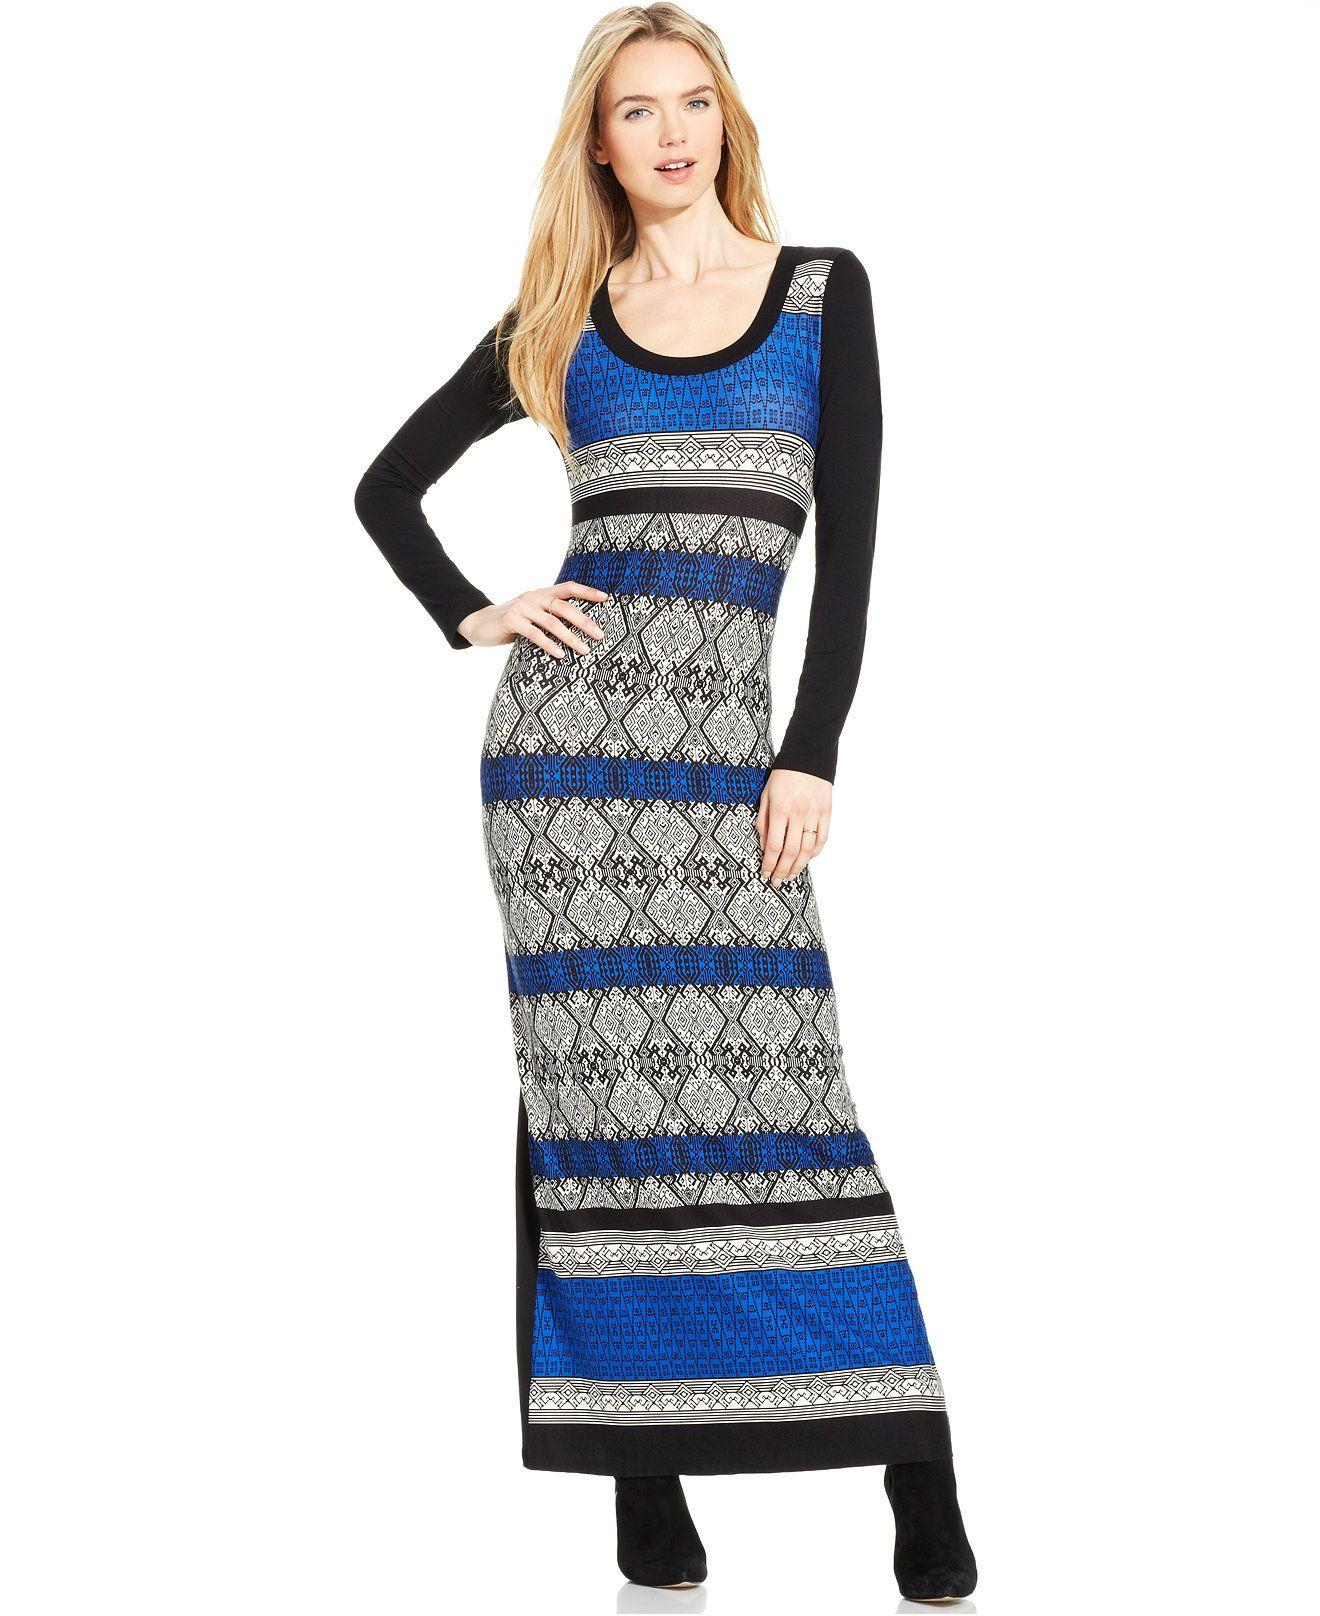 Karen Kane Printed Maxi Dress Dresses Women Macy S Printed Maxi Dress Maxi Dress Macys Fashion [ 1616 x 1320 Pixel ]